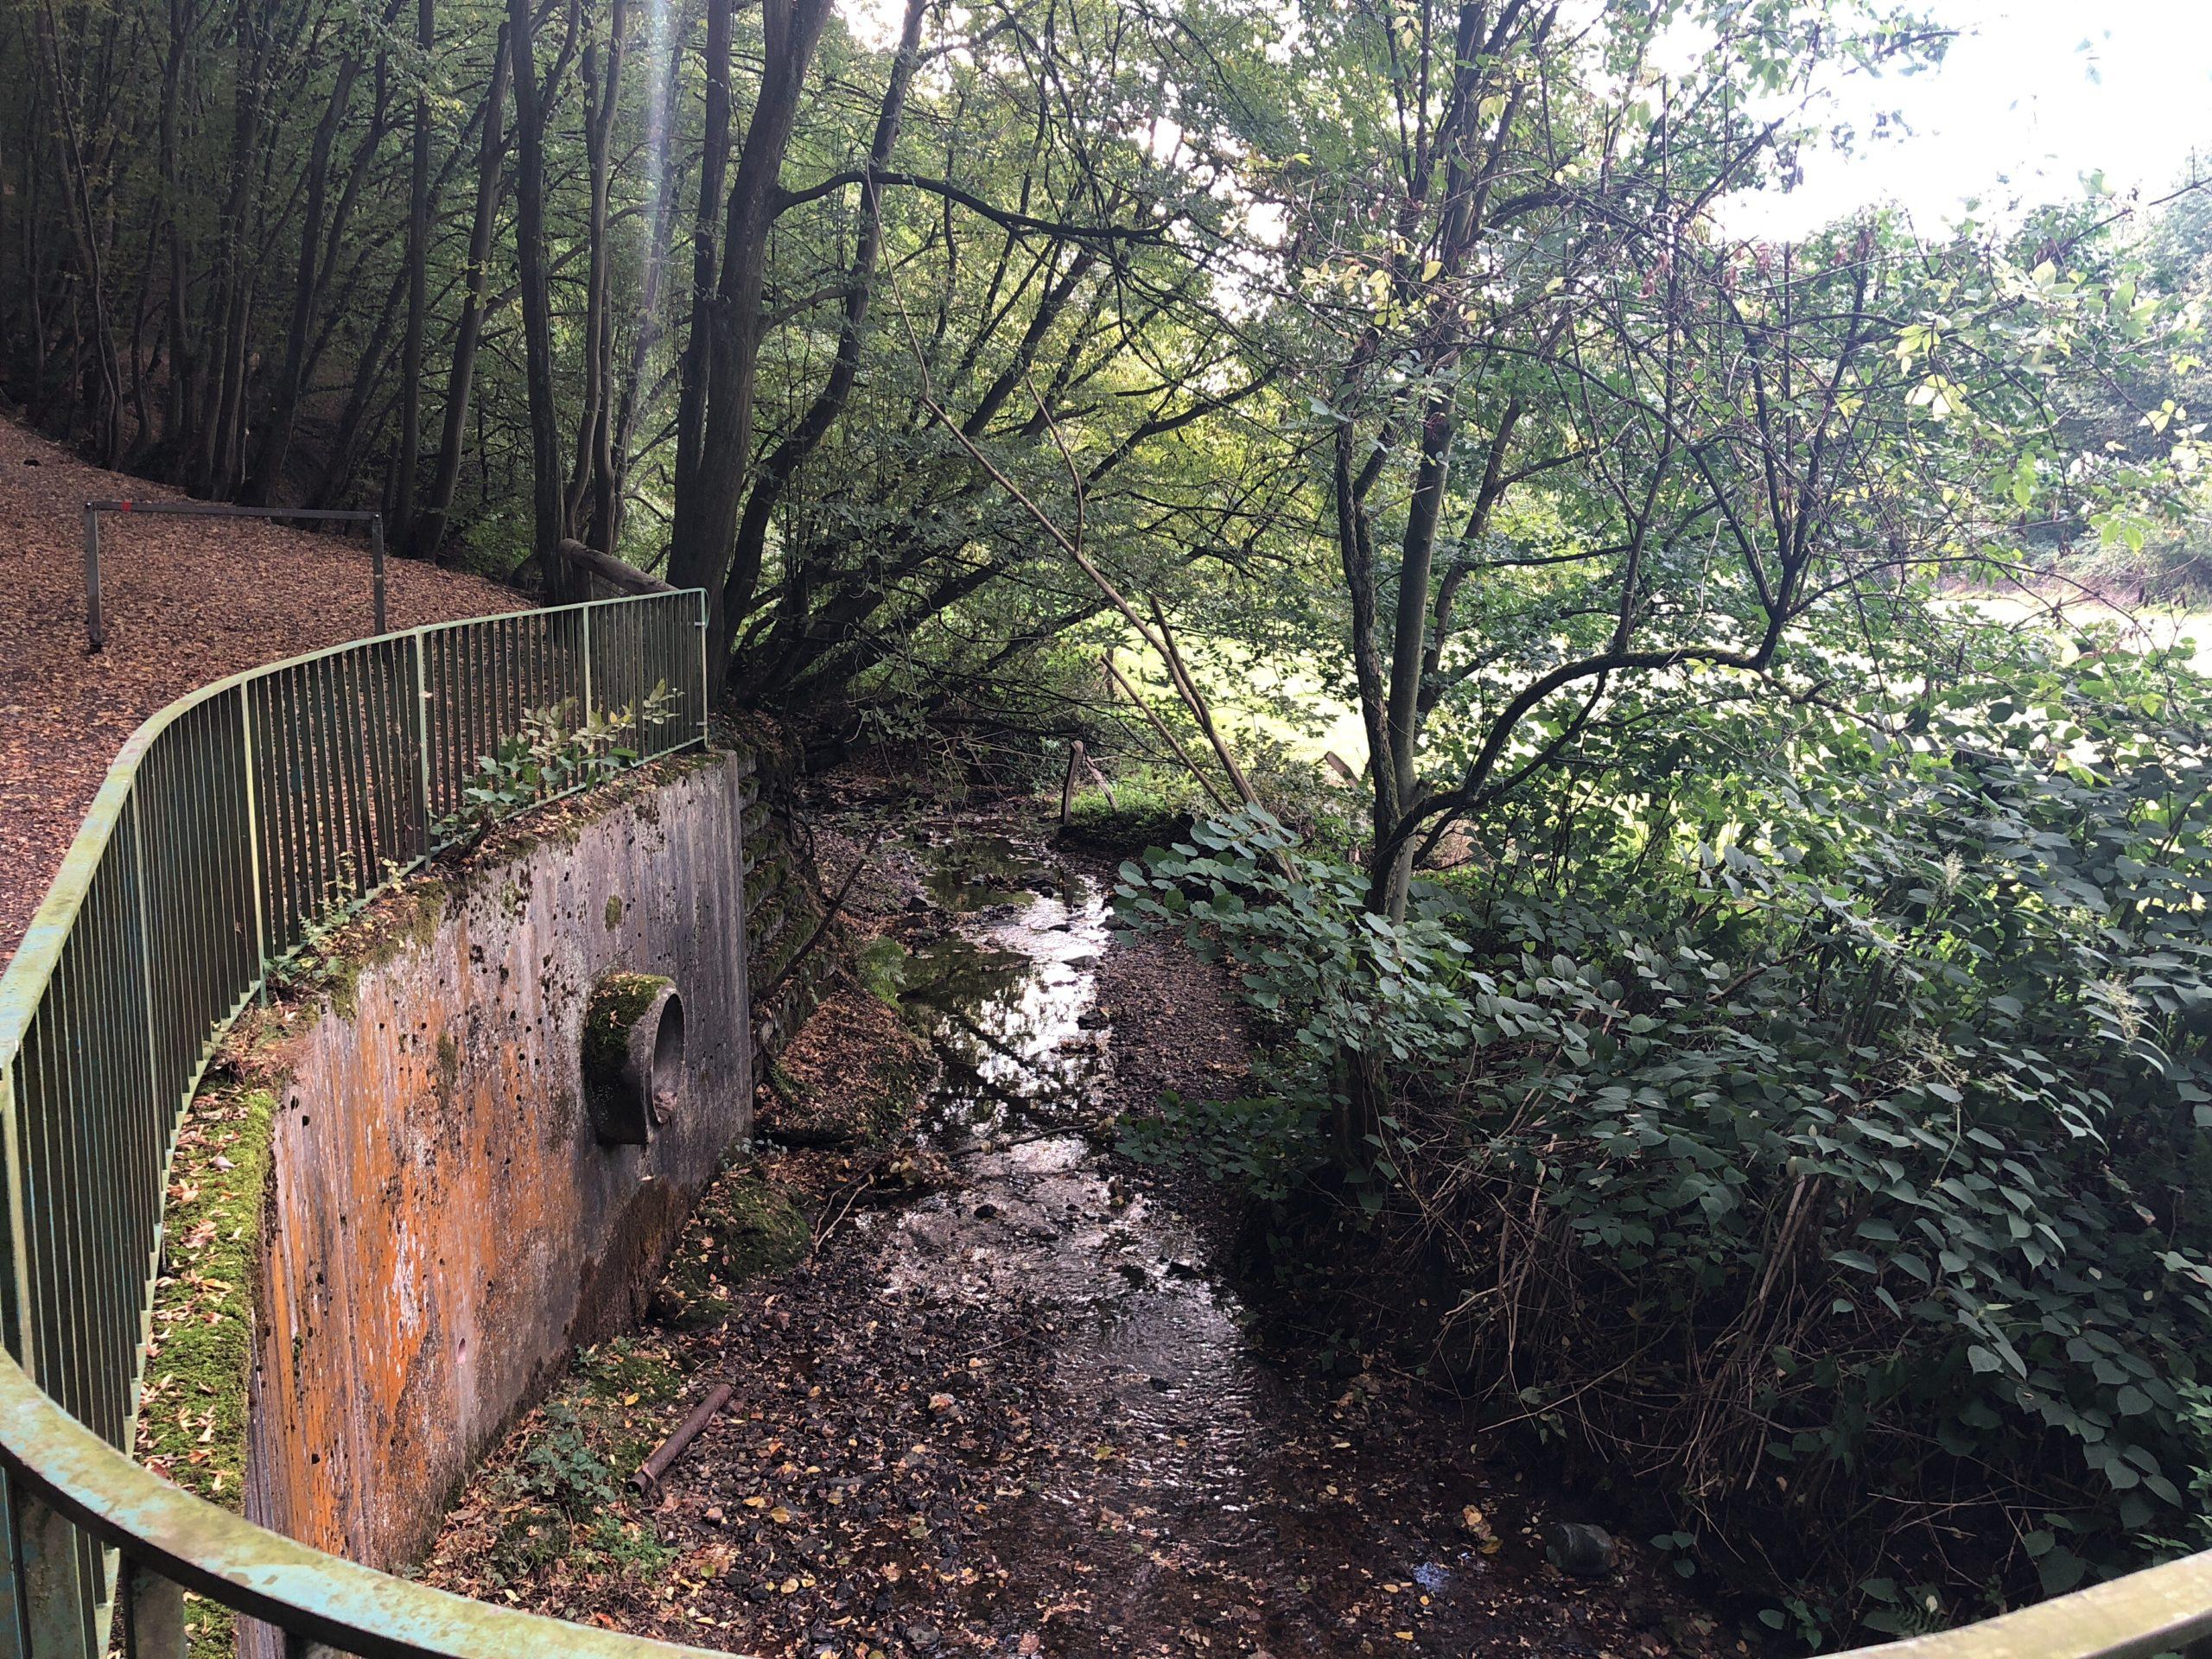 Zufluss Schaafenmühler Bach zum Nacker Bach